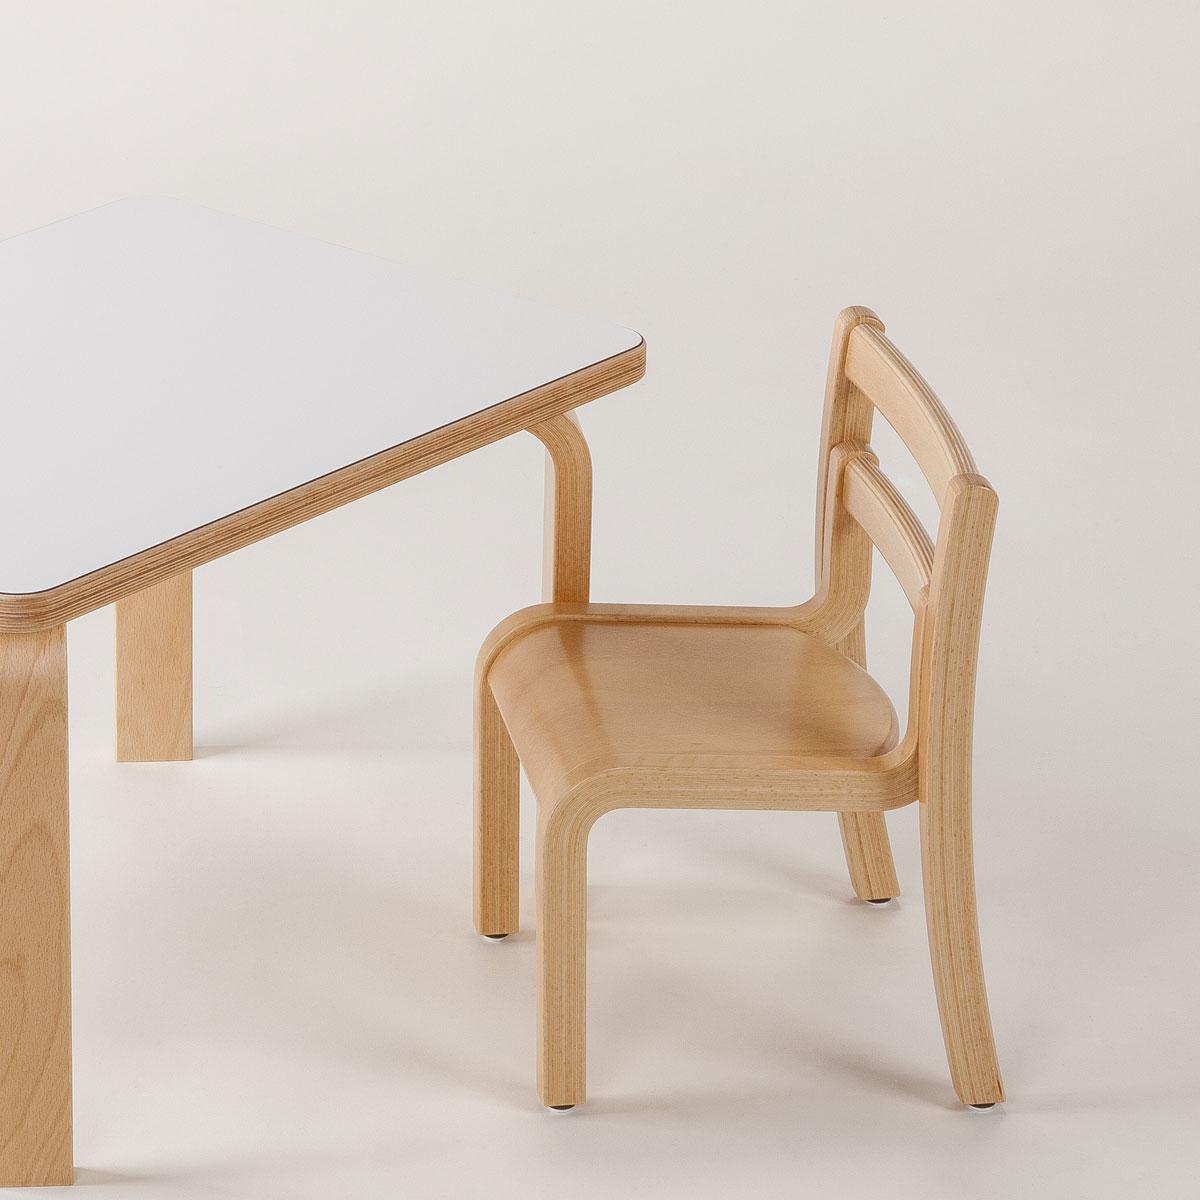 <マラソン期間中使えるクーポン配布中♪>佐々木敏光 デザイン Piccola ピッコラ チェア PC-01 デザイナー 日本製 キッズチェア 椅子 ローチェア【代引き不可】